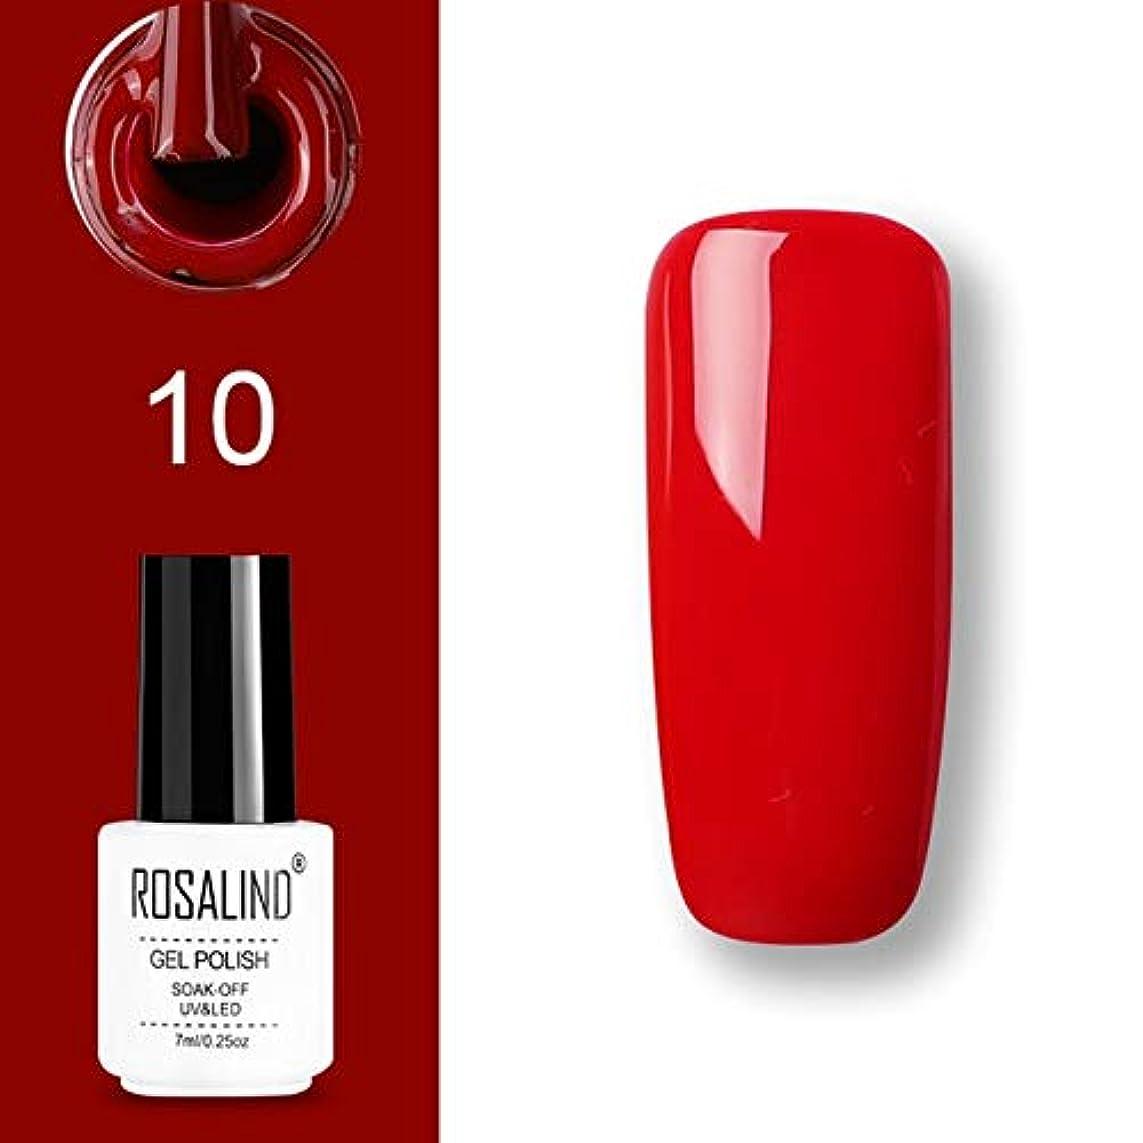 運動ブローホール流用するファッションアイテム ROSALINDジェルポリッシュセットUVセミパーマネントプライマートップコートポリジェルニスネイルアートマニキュアジェル、容量:7ml 10。 環境に優しいマニキュア